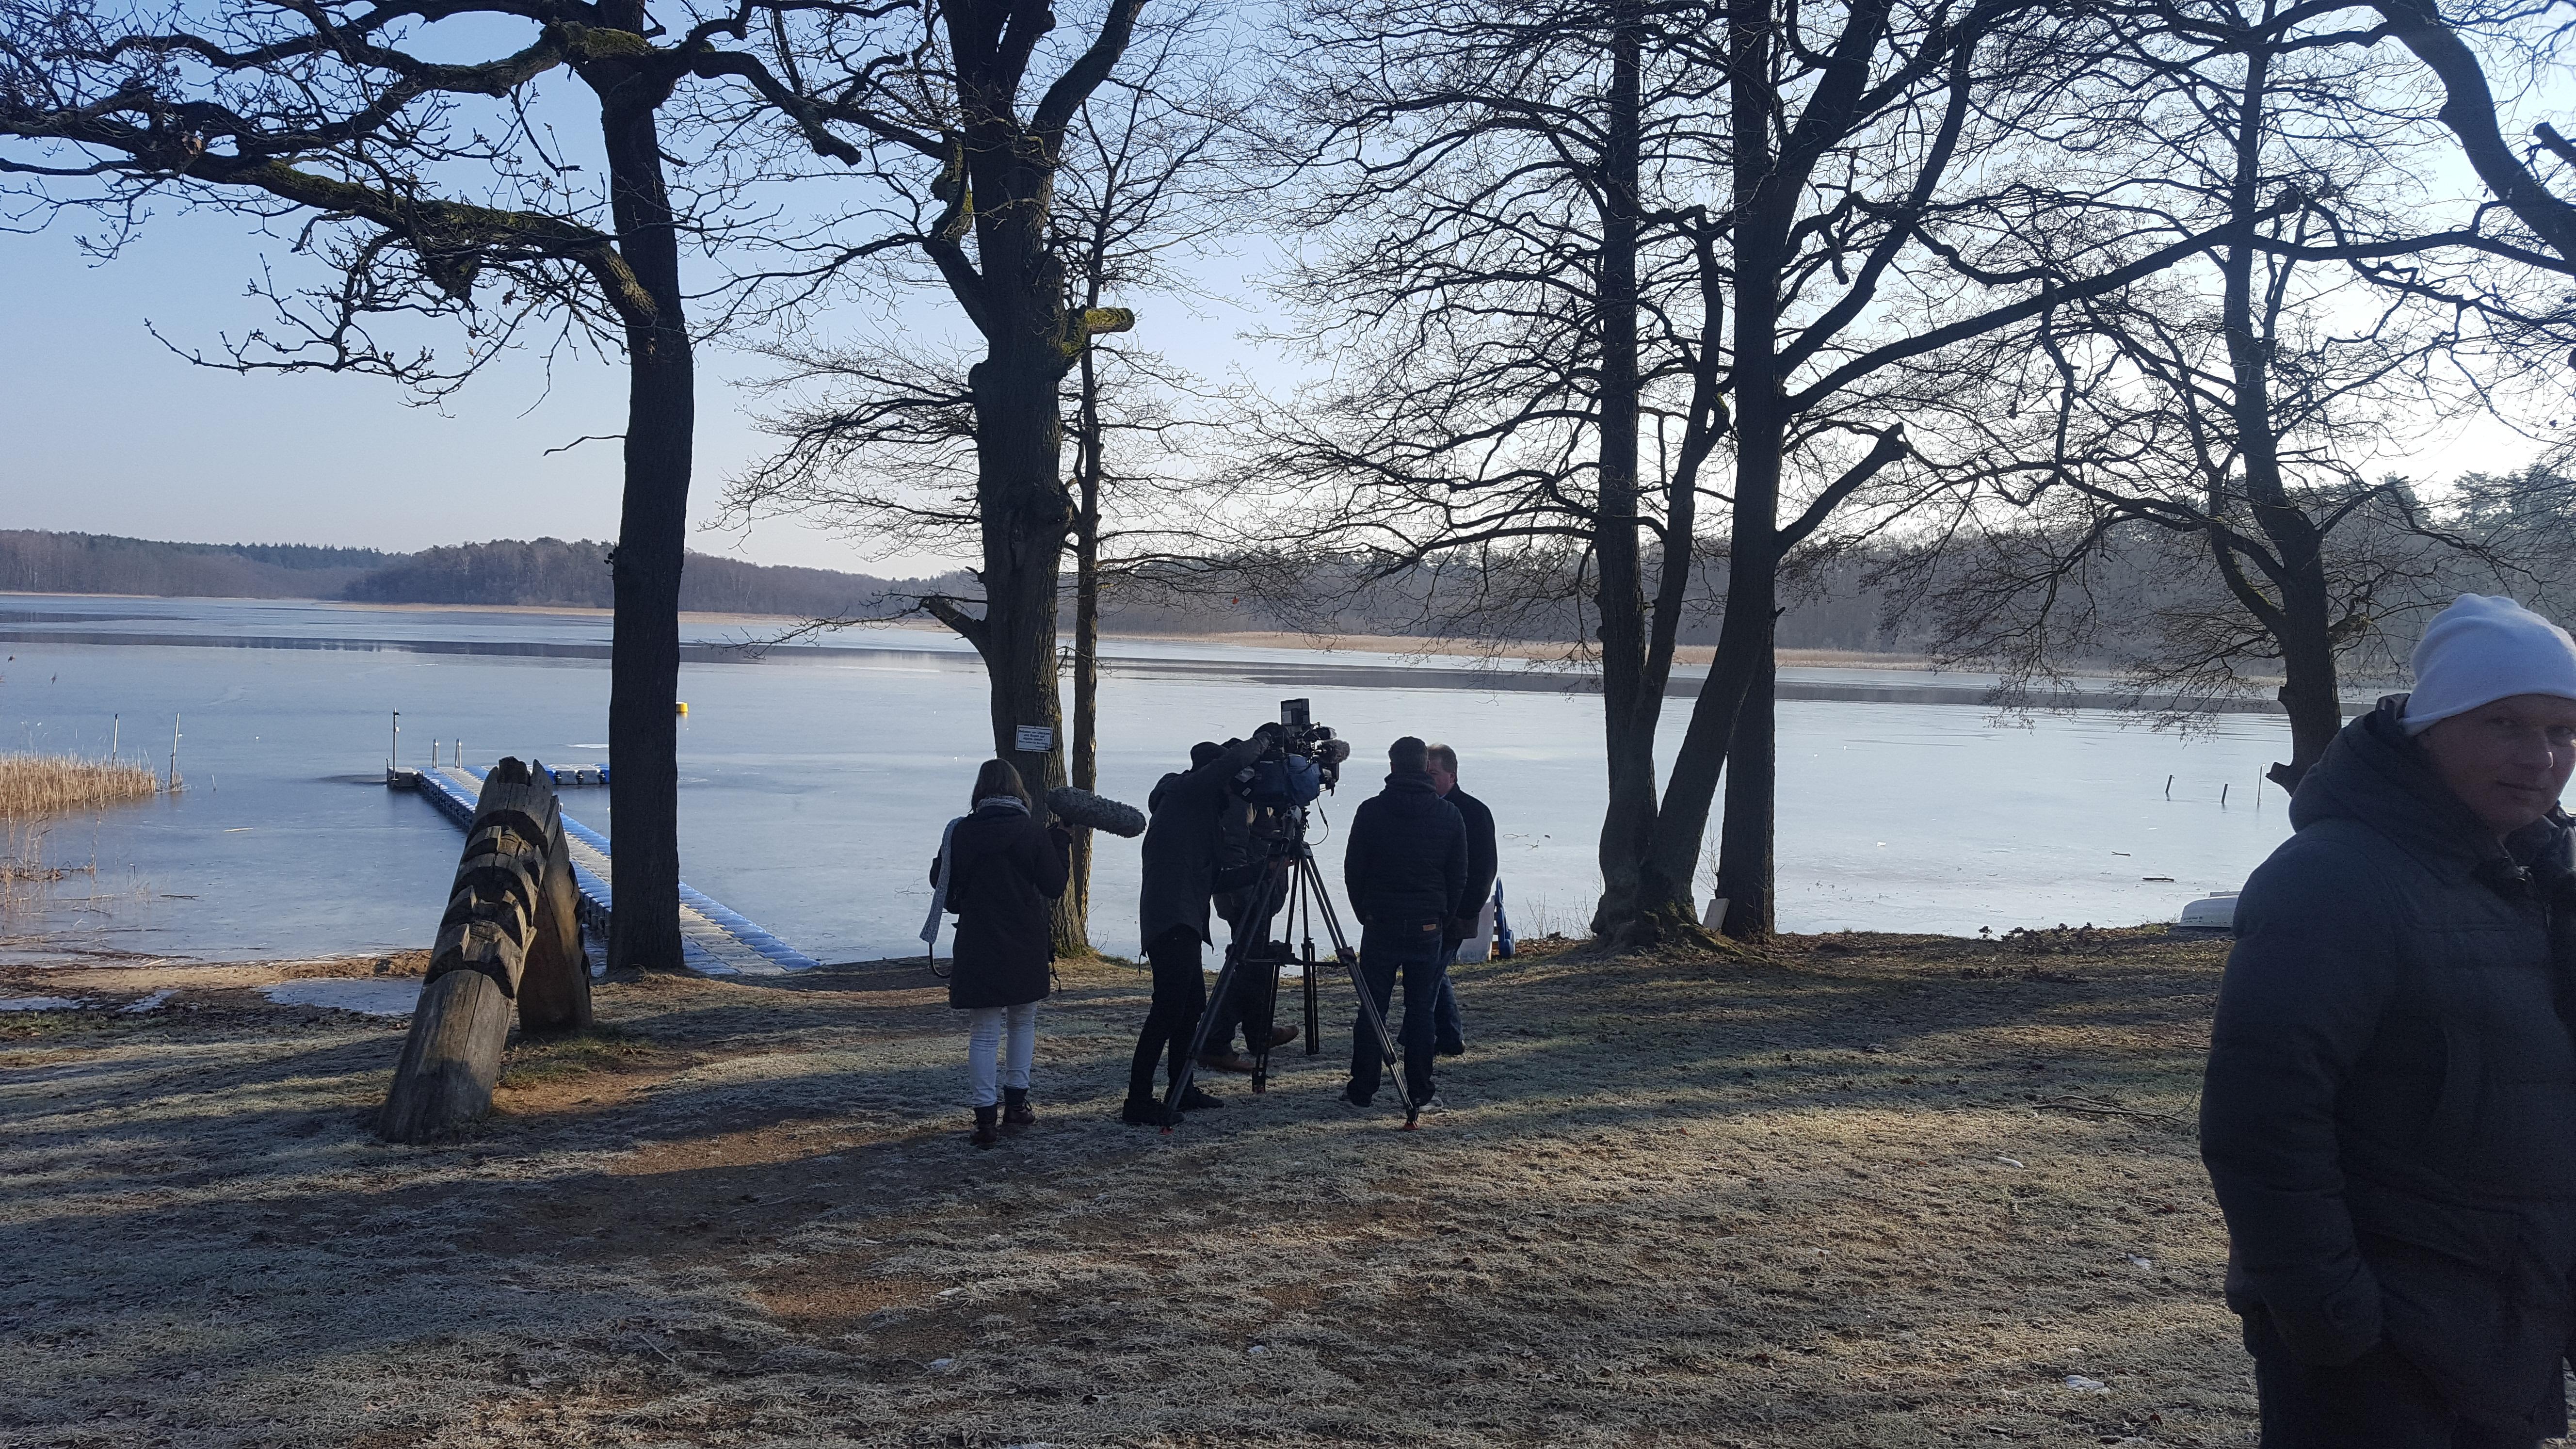 Filmteam NDR Nordmagazin Kurtaxe Ferienidyll am Rätzsee - Camping bei Motte